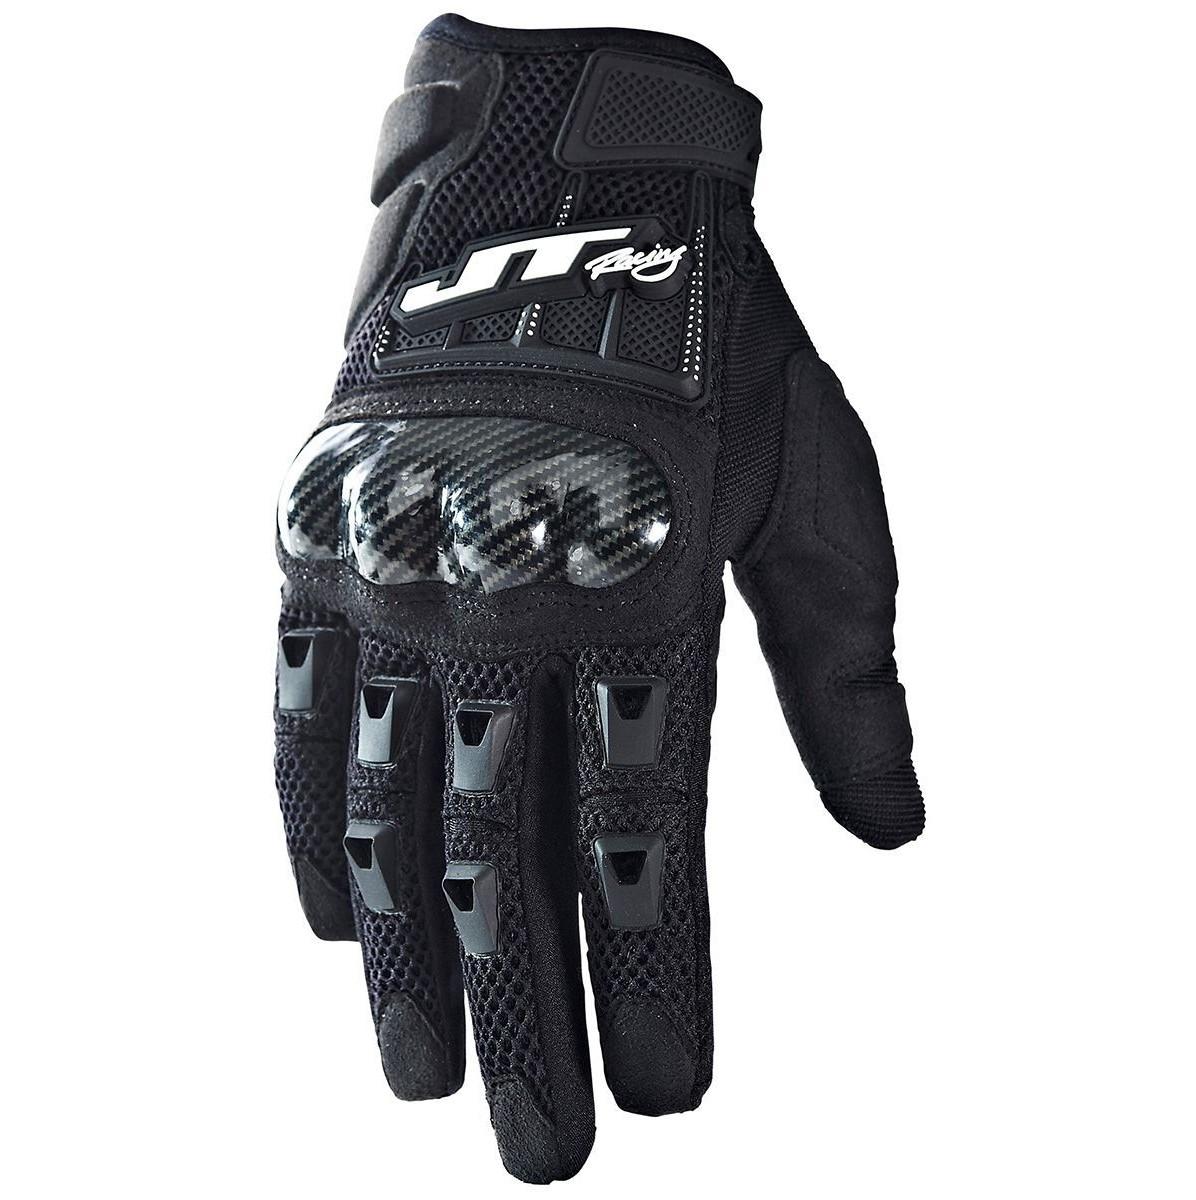 JT Racing Enduro Gloves - Reviews, Comparisons, Specs ...